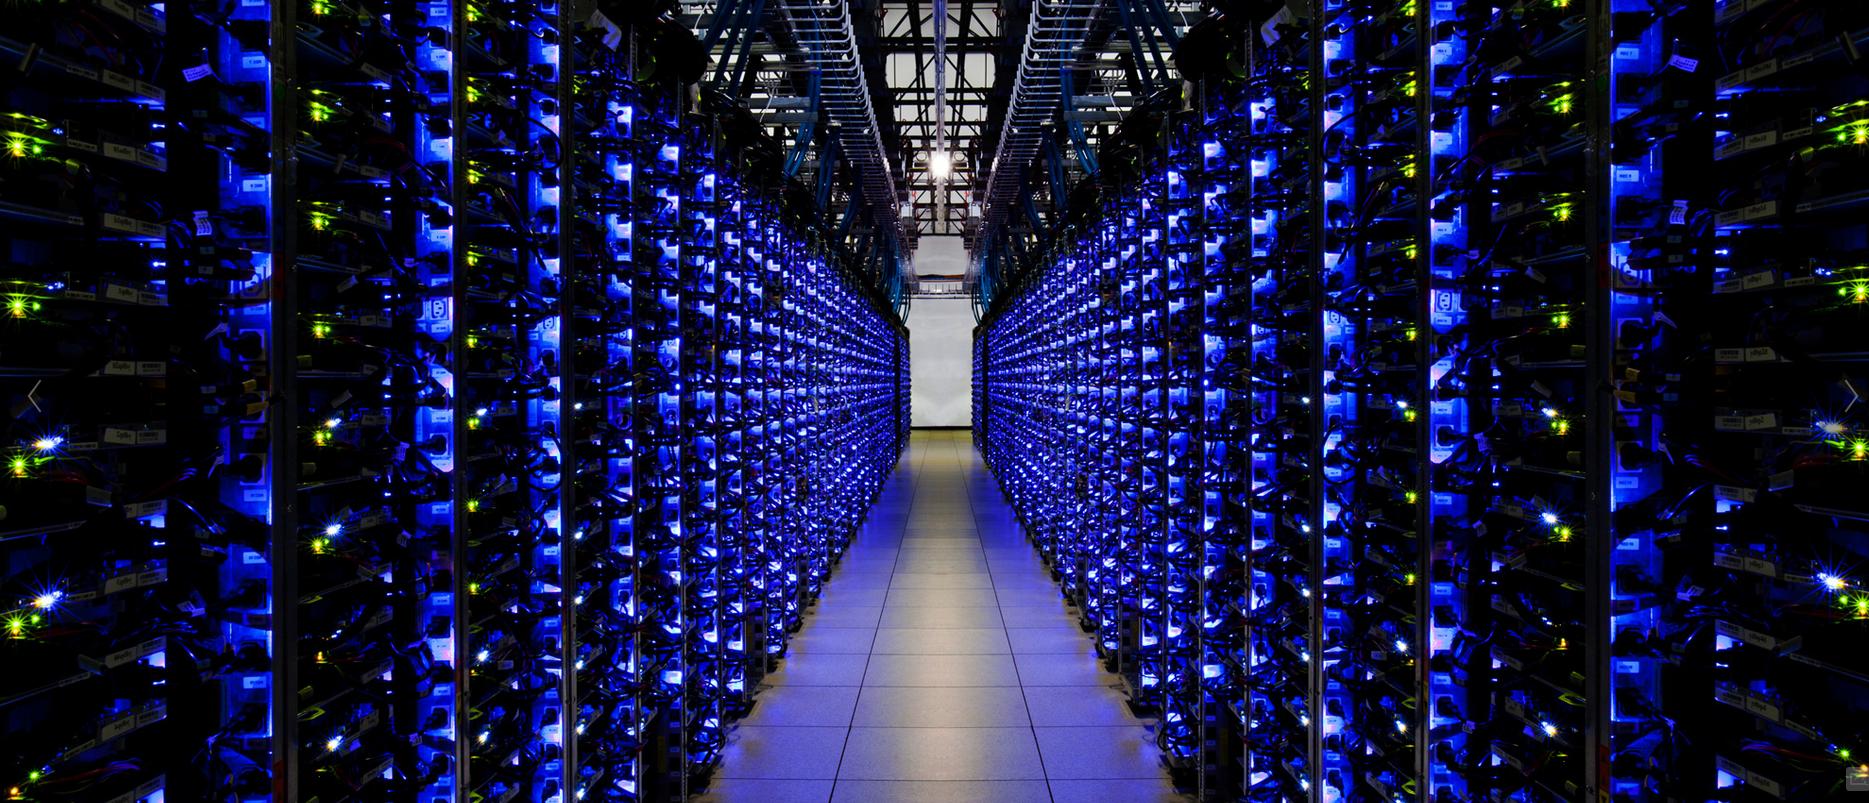 La nueva realidad se aloja en pequeños servidores